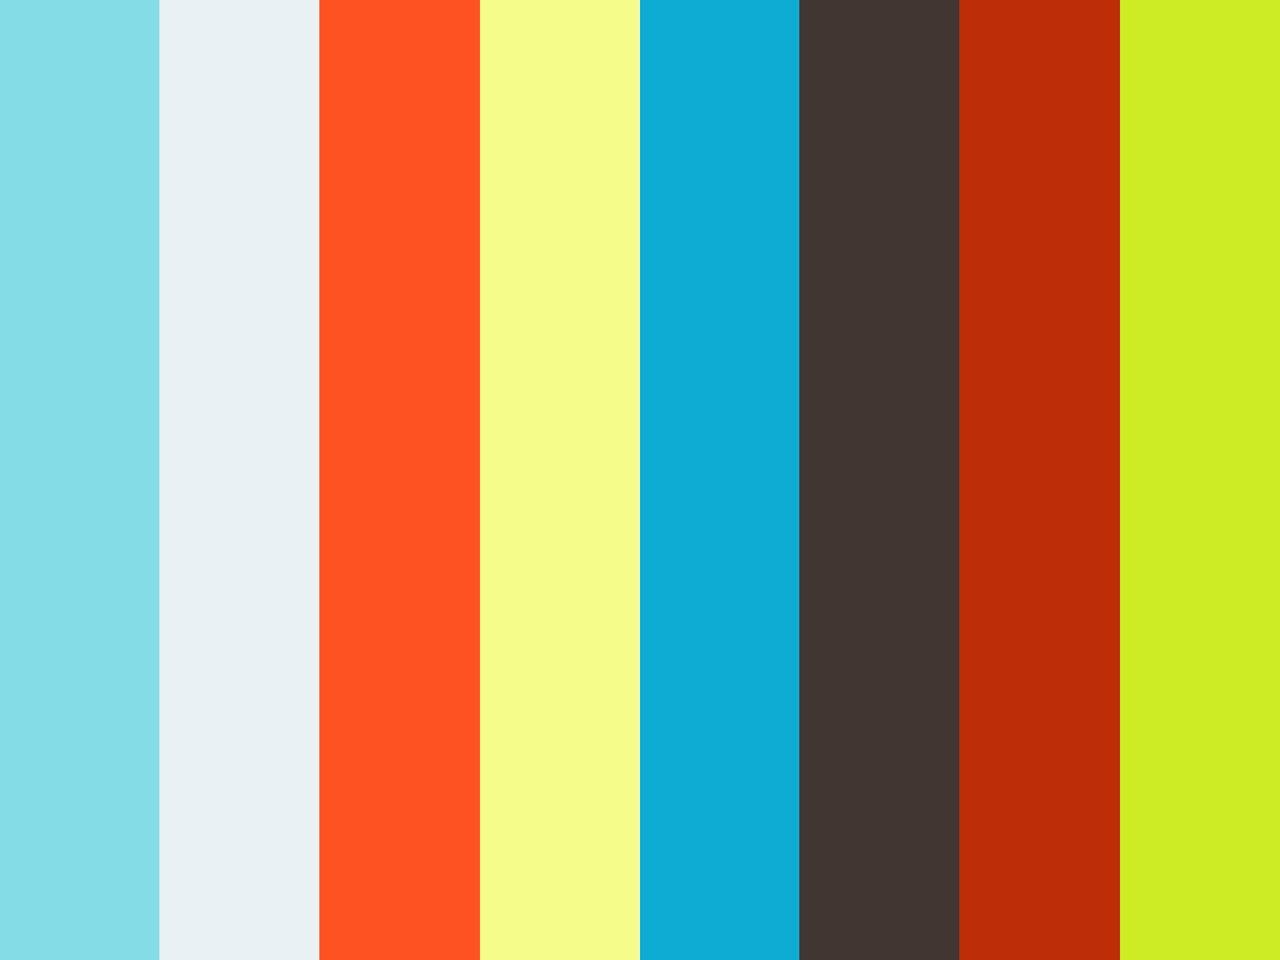 Pecha Kucha - Interiors - Límits de l'espai - Límits Interiors